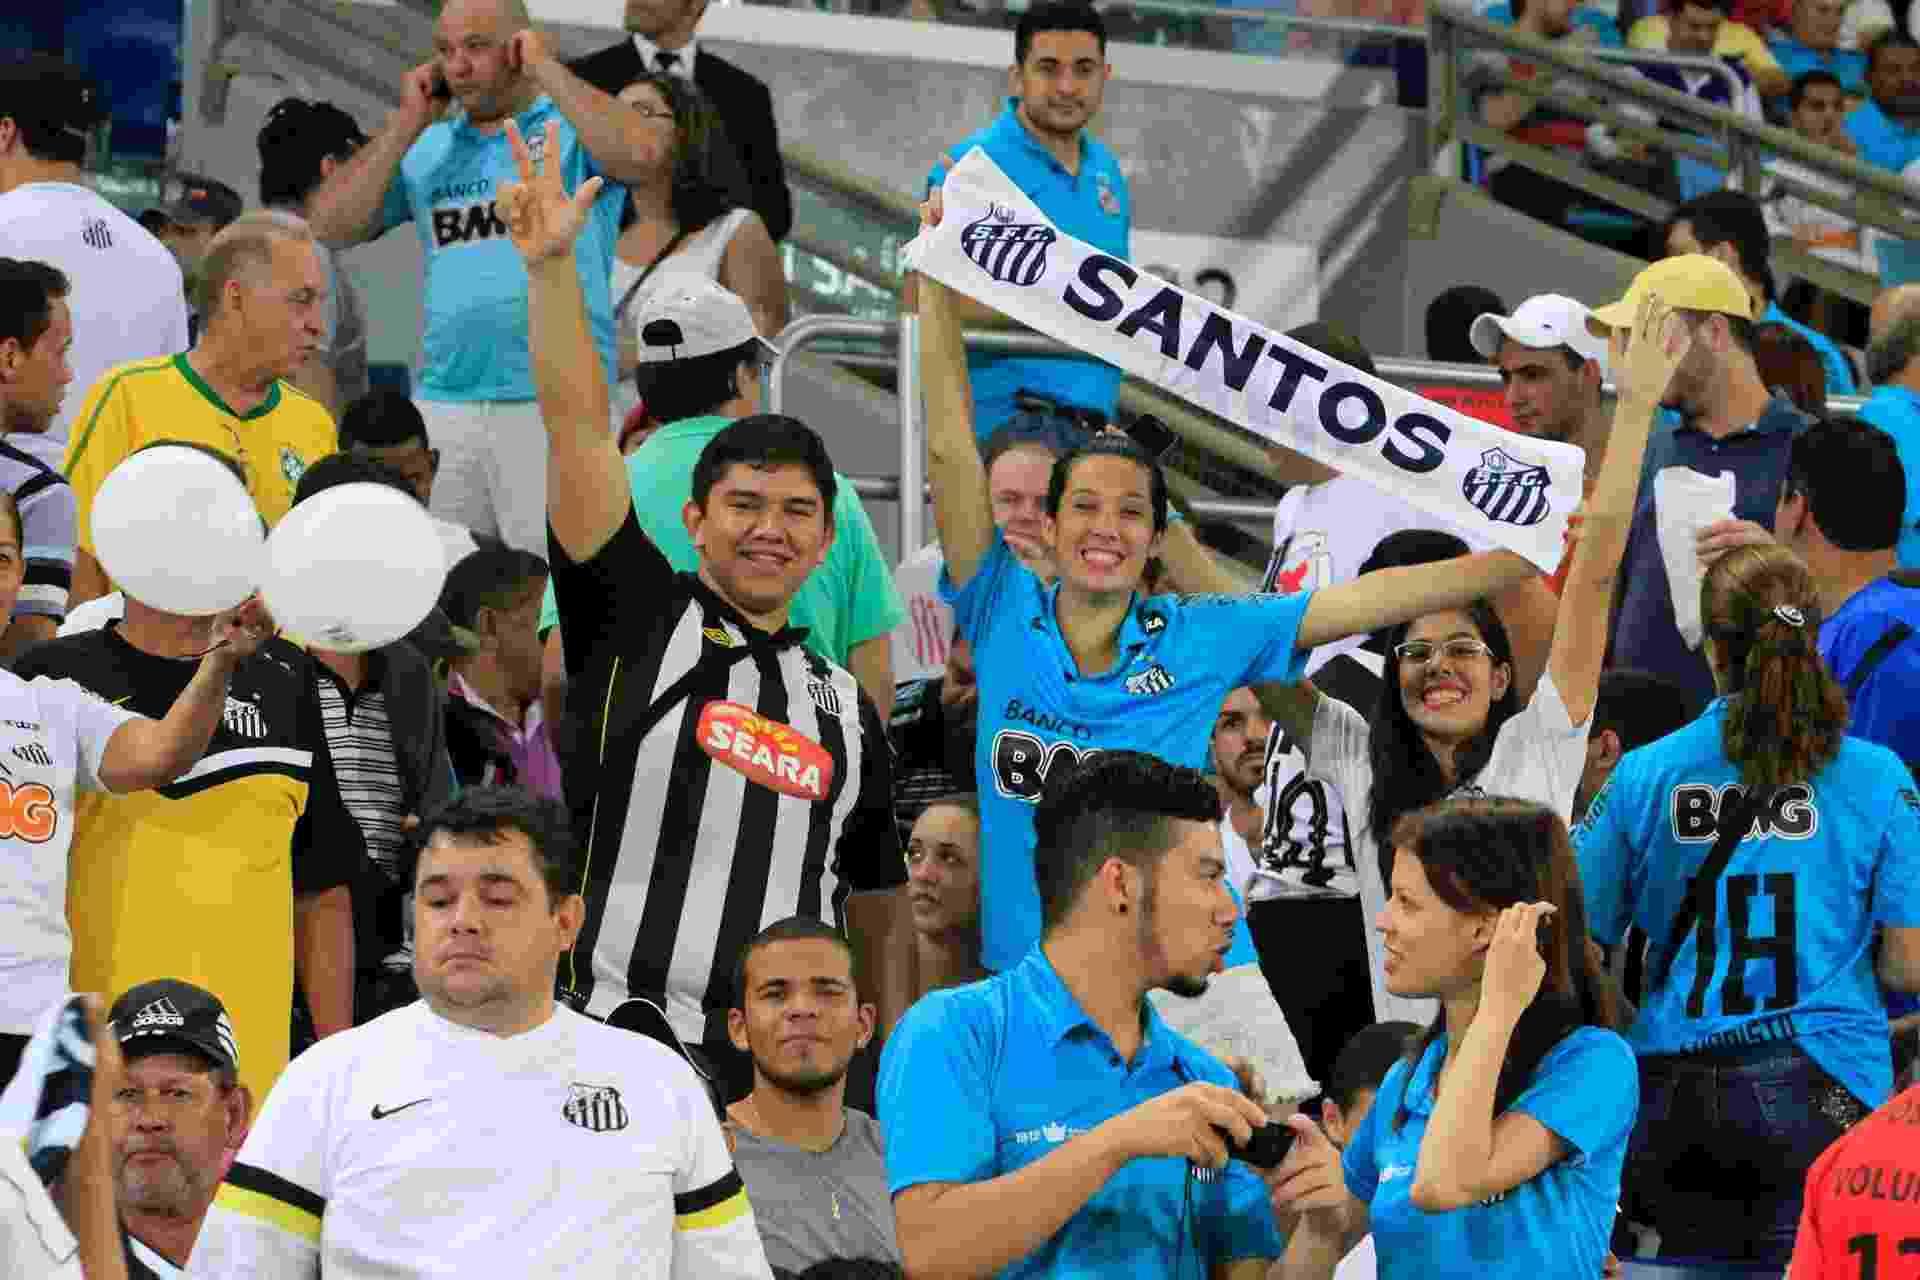 02.abr.2014 - Torcedores do Santos apoiam o time antes do jogo contra o Mixto na Arena Pantanal - Edson Rodrigues/Secopa-MT